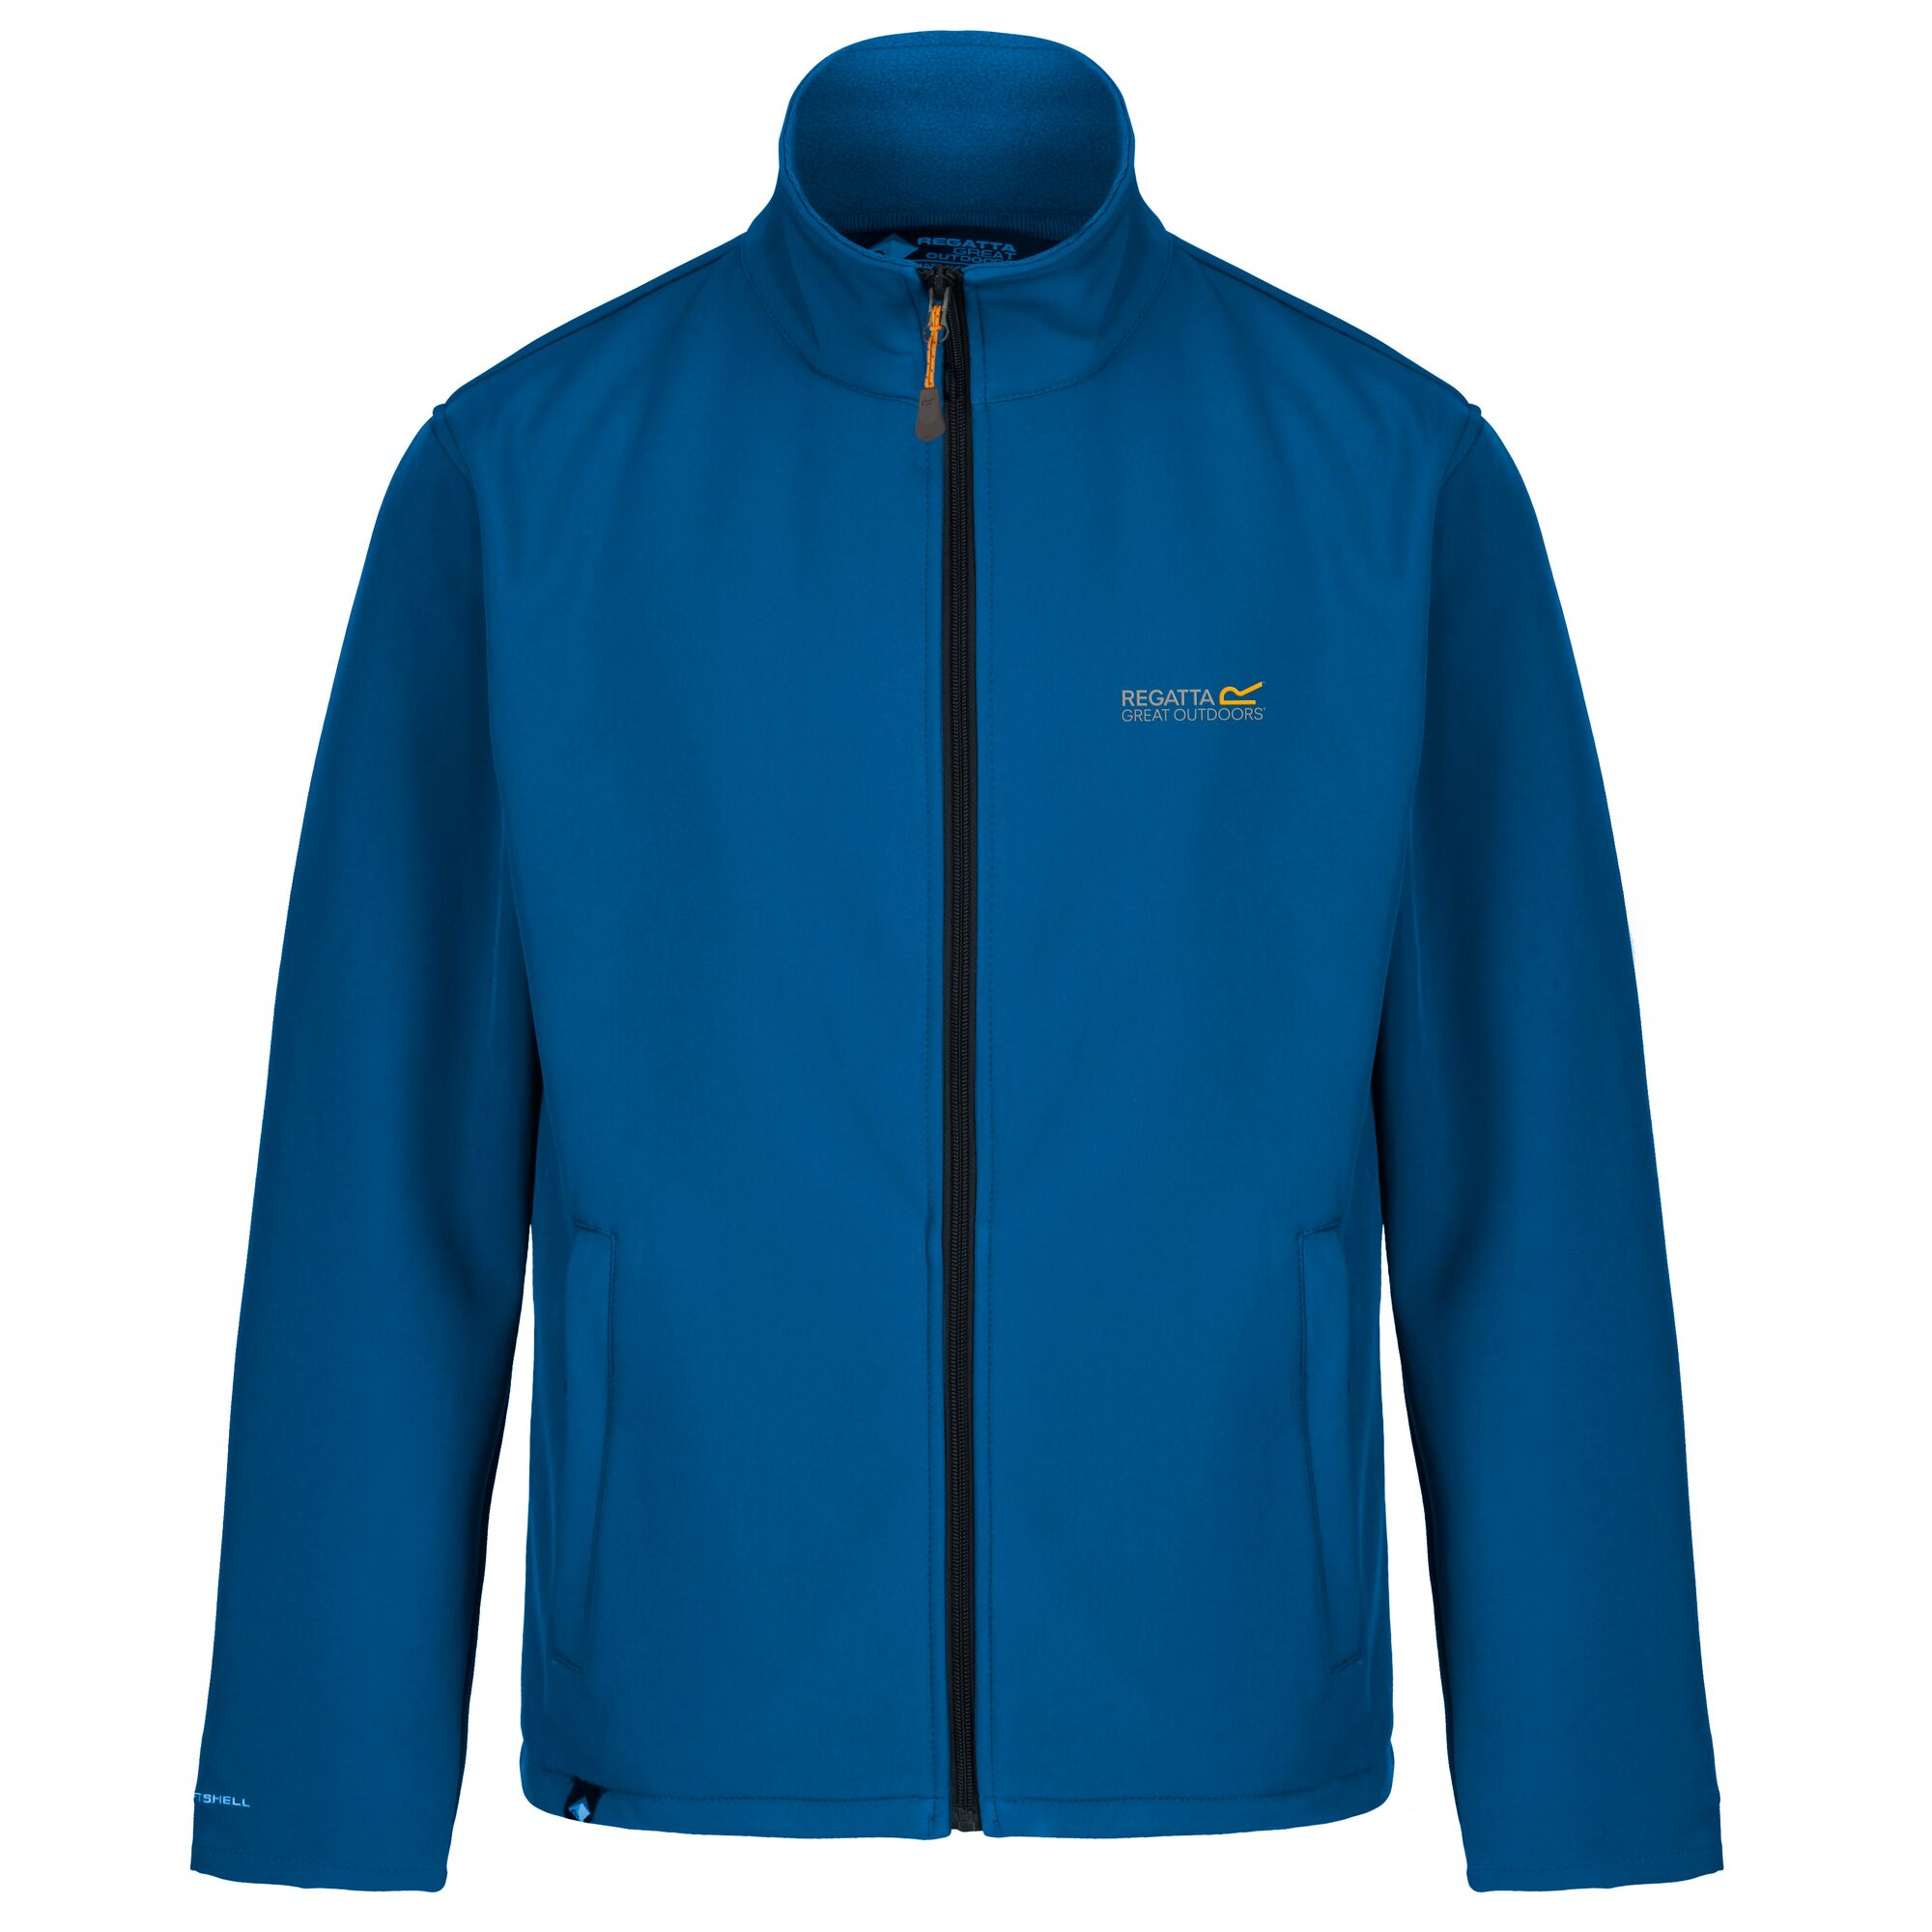 Mens regatta jacket - Regatta Great Outdoors Mens Cera Iii Lightweight Hooded